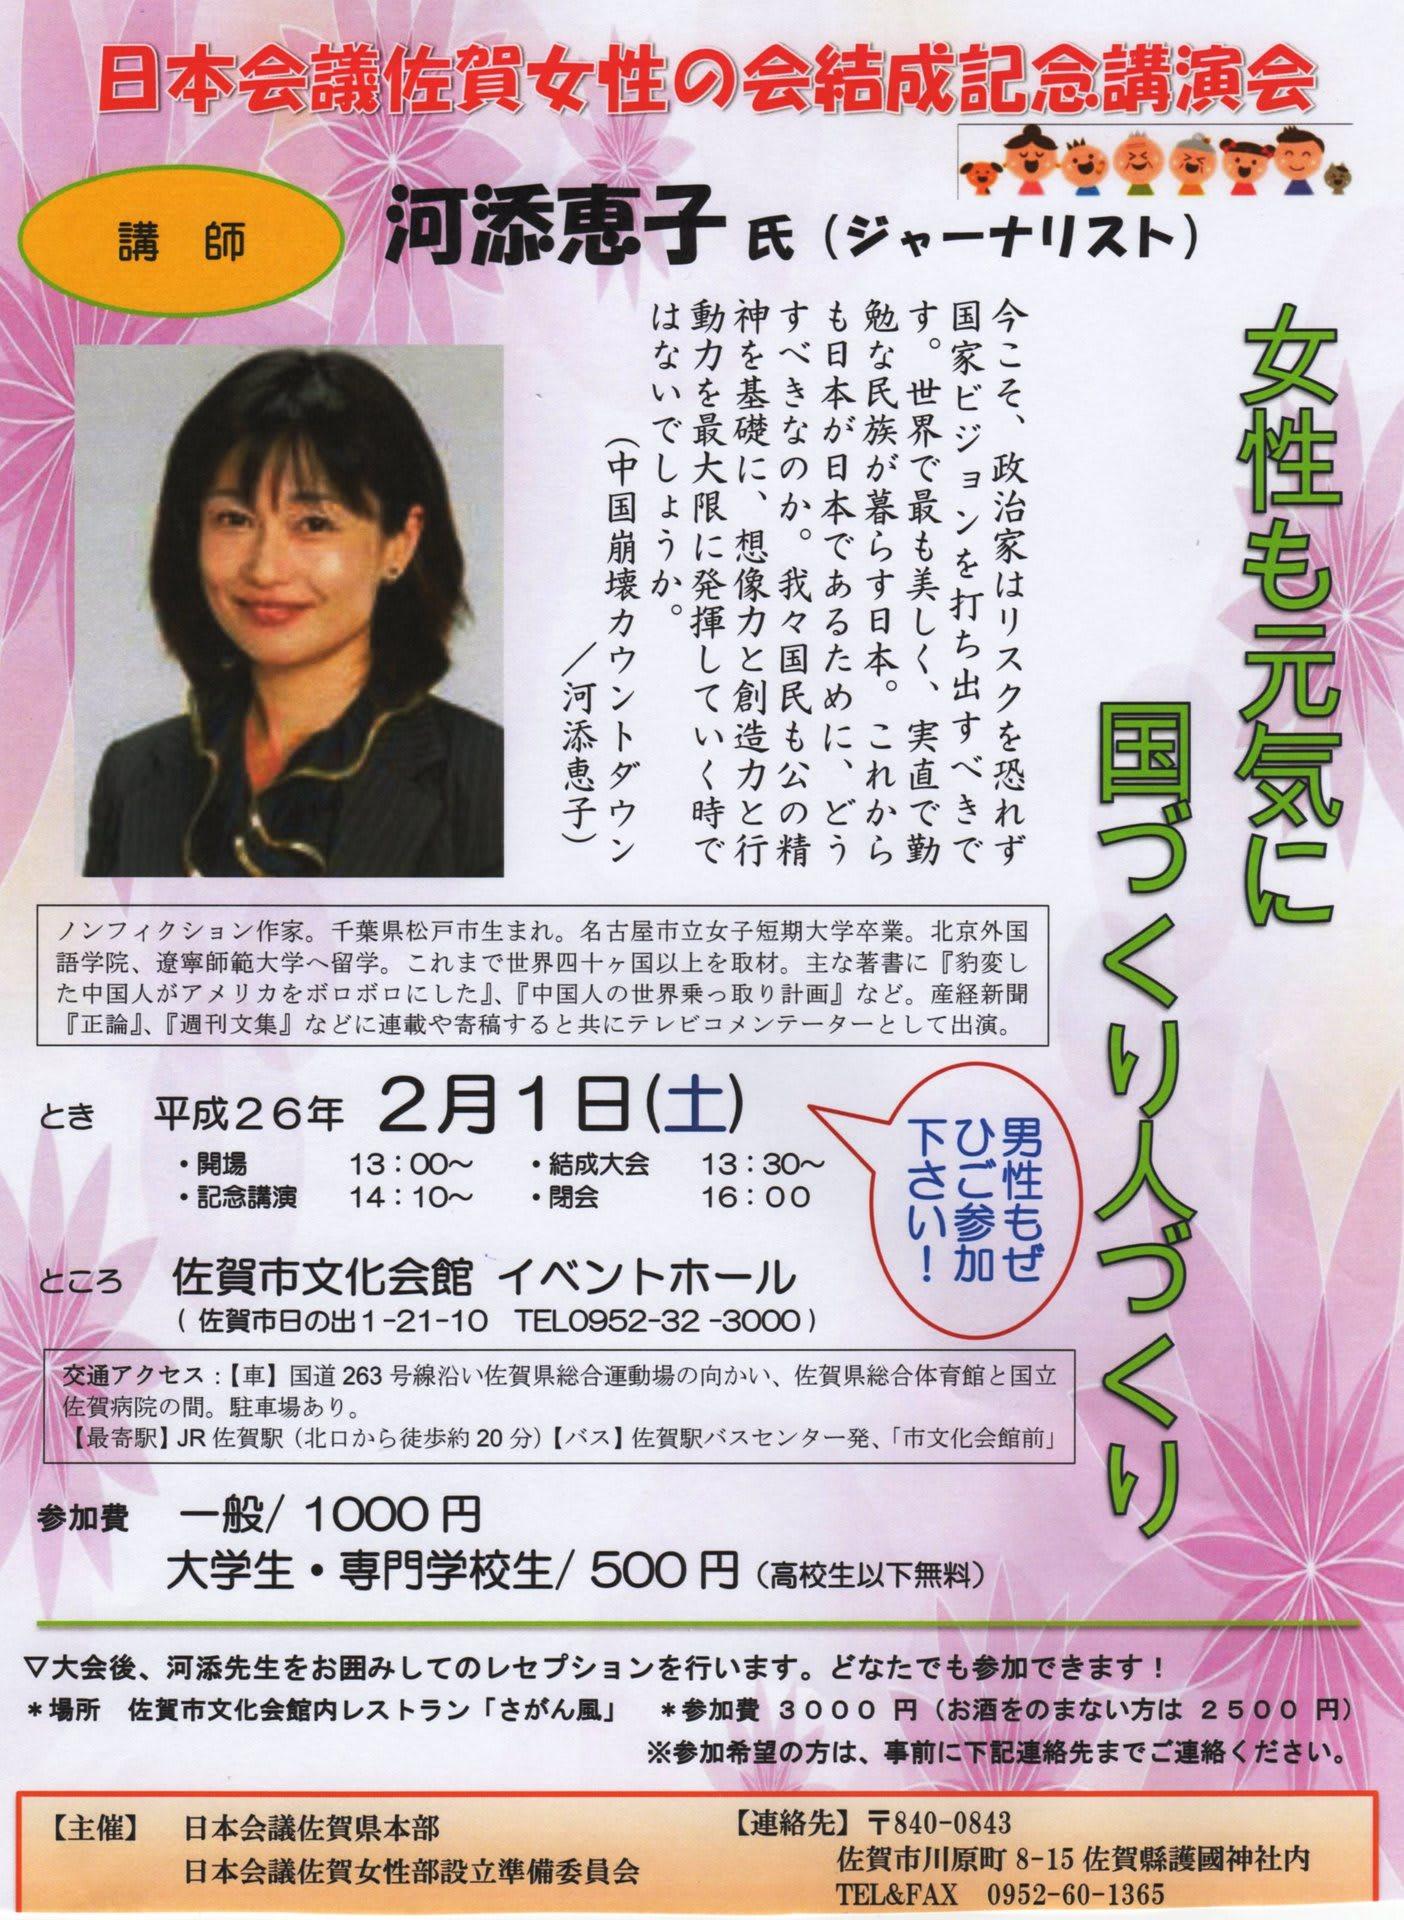 ■入場券 唐津支部事務局にもあります。 『政治』 ジャンルのランキング ... 日本会議佐賀女性